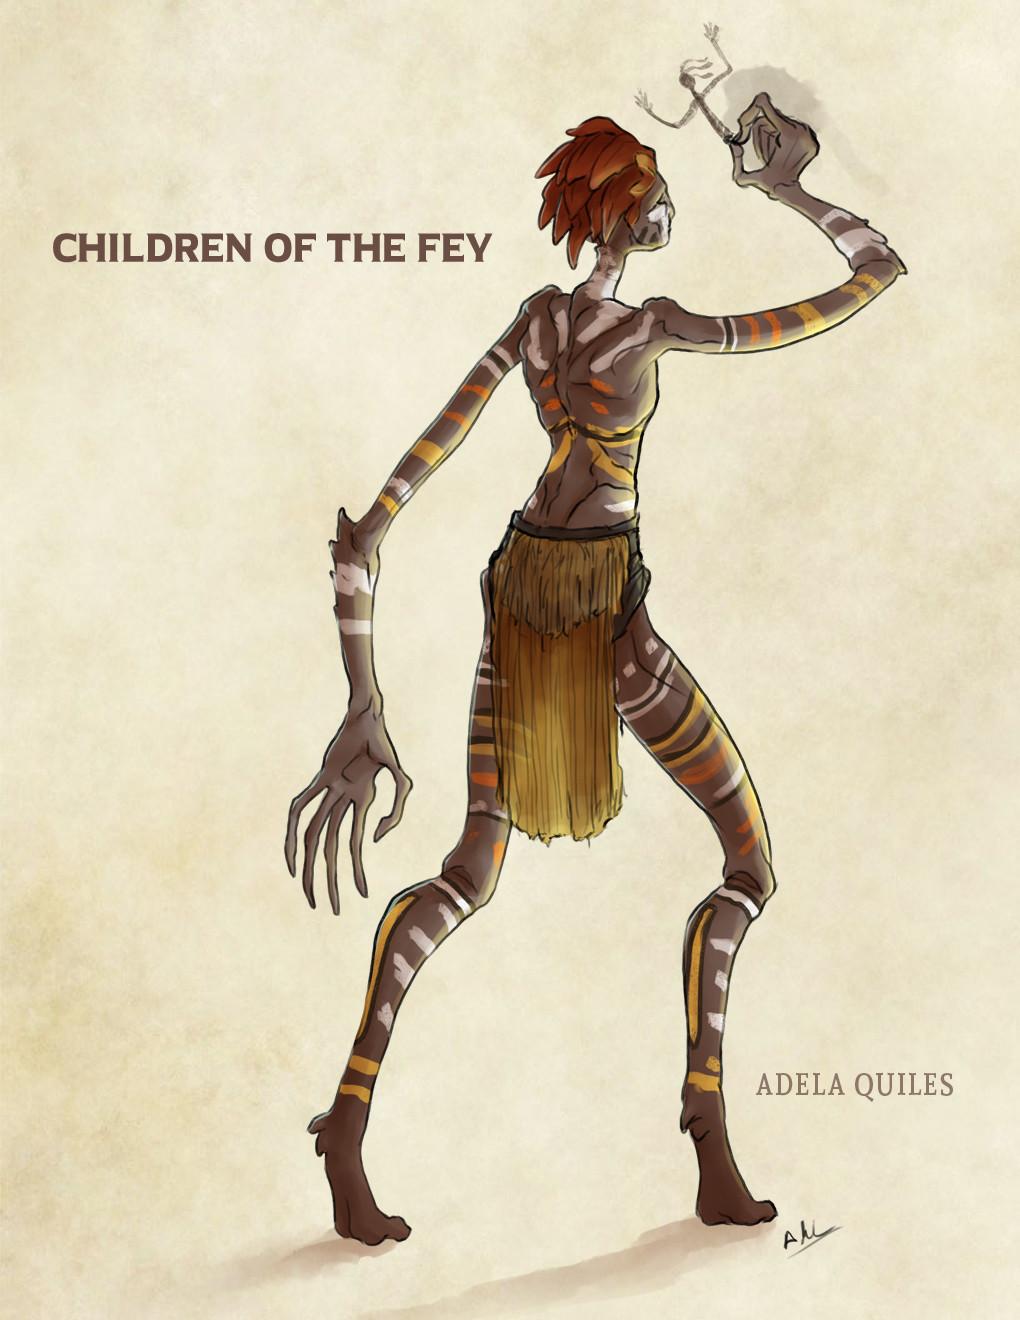 ArtStation - Children of the fey, Adela Quiles